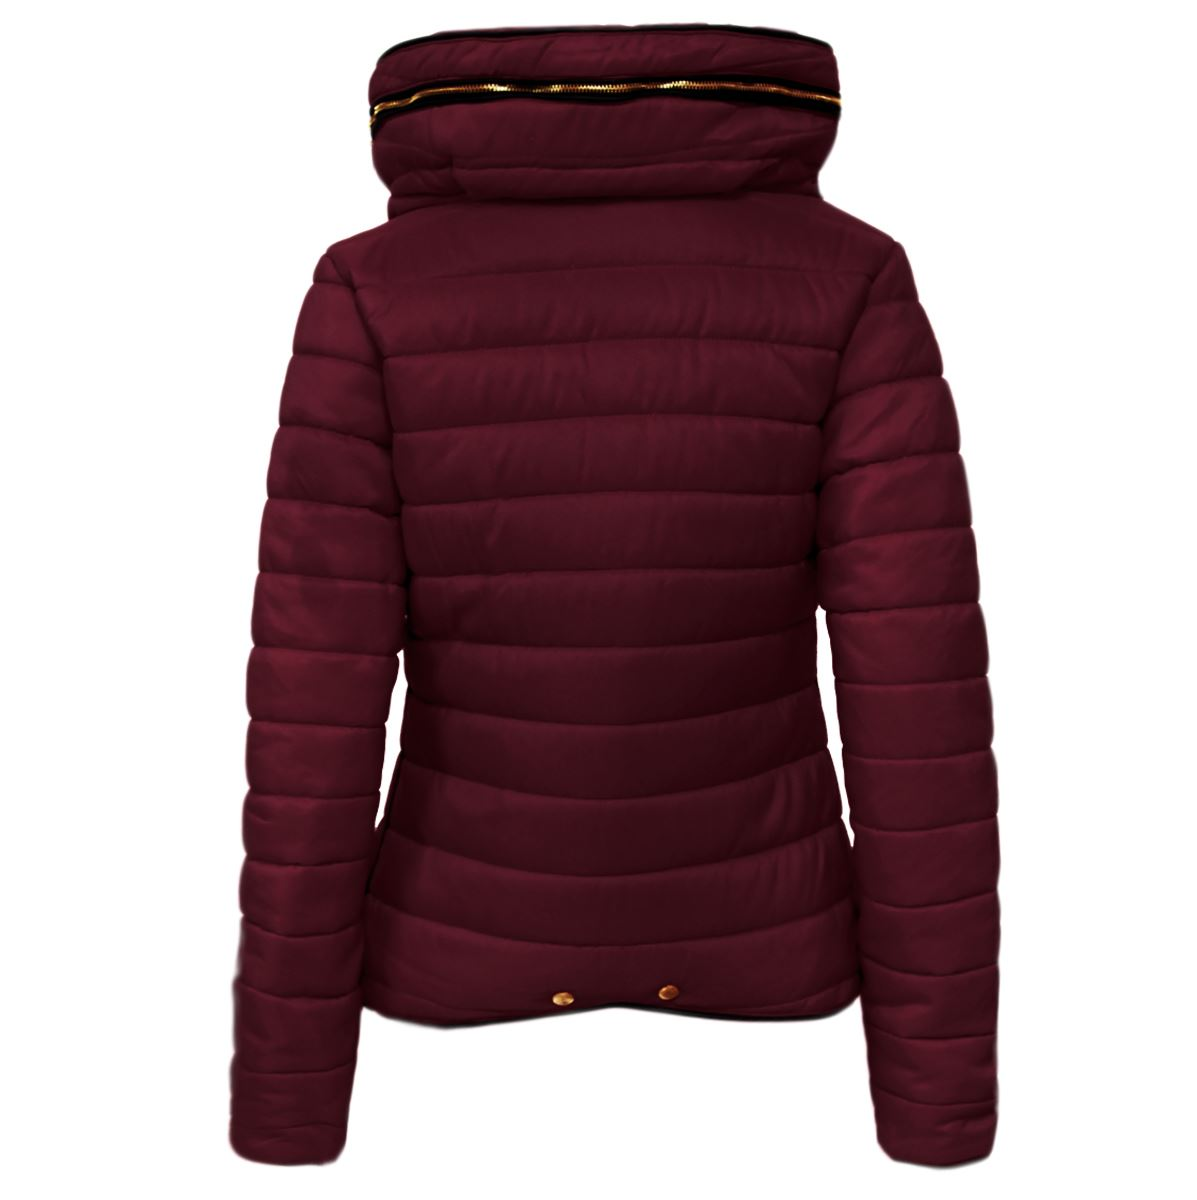 Womens bubble coats